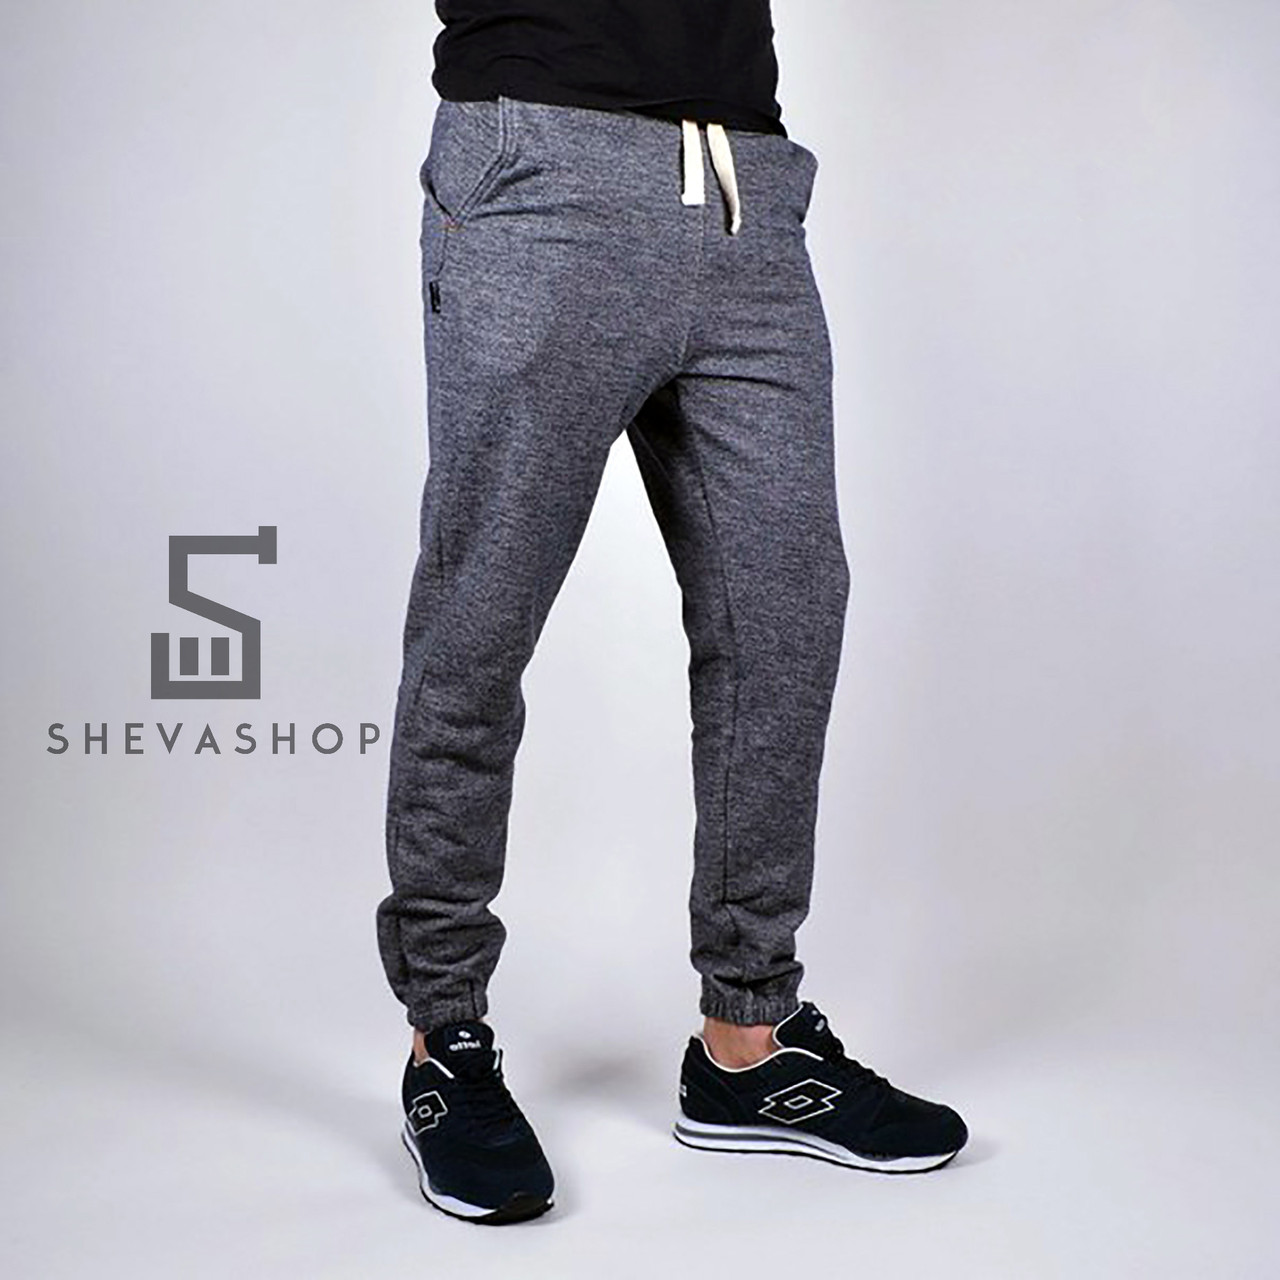 44e724cb6535 Спортивные штаны мужские RaD Pou трехнитка, blkMarl - купить по ...